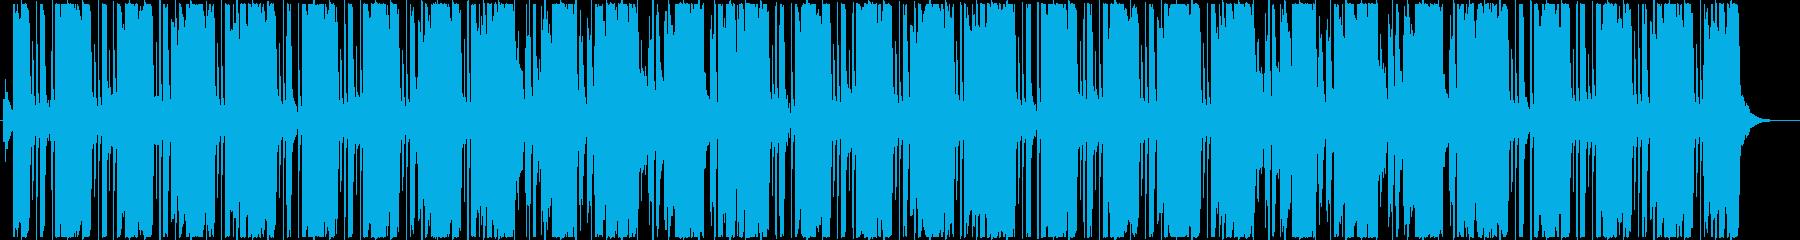 ニュースをイメージしたエレクトロニカ の再生済みの波形